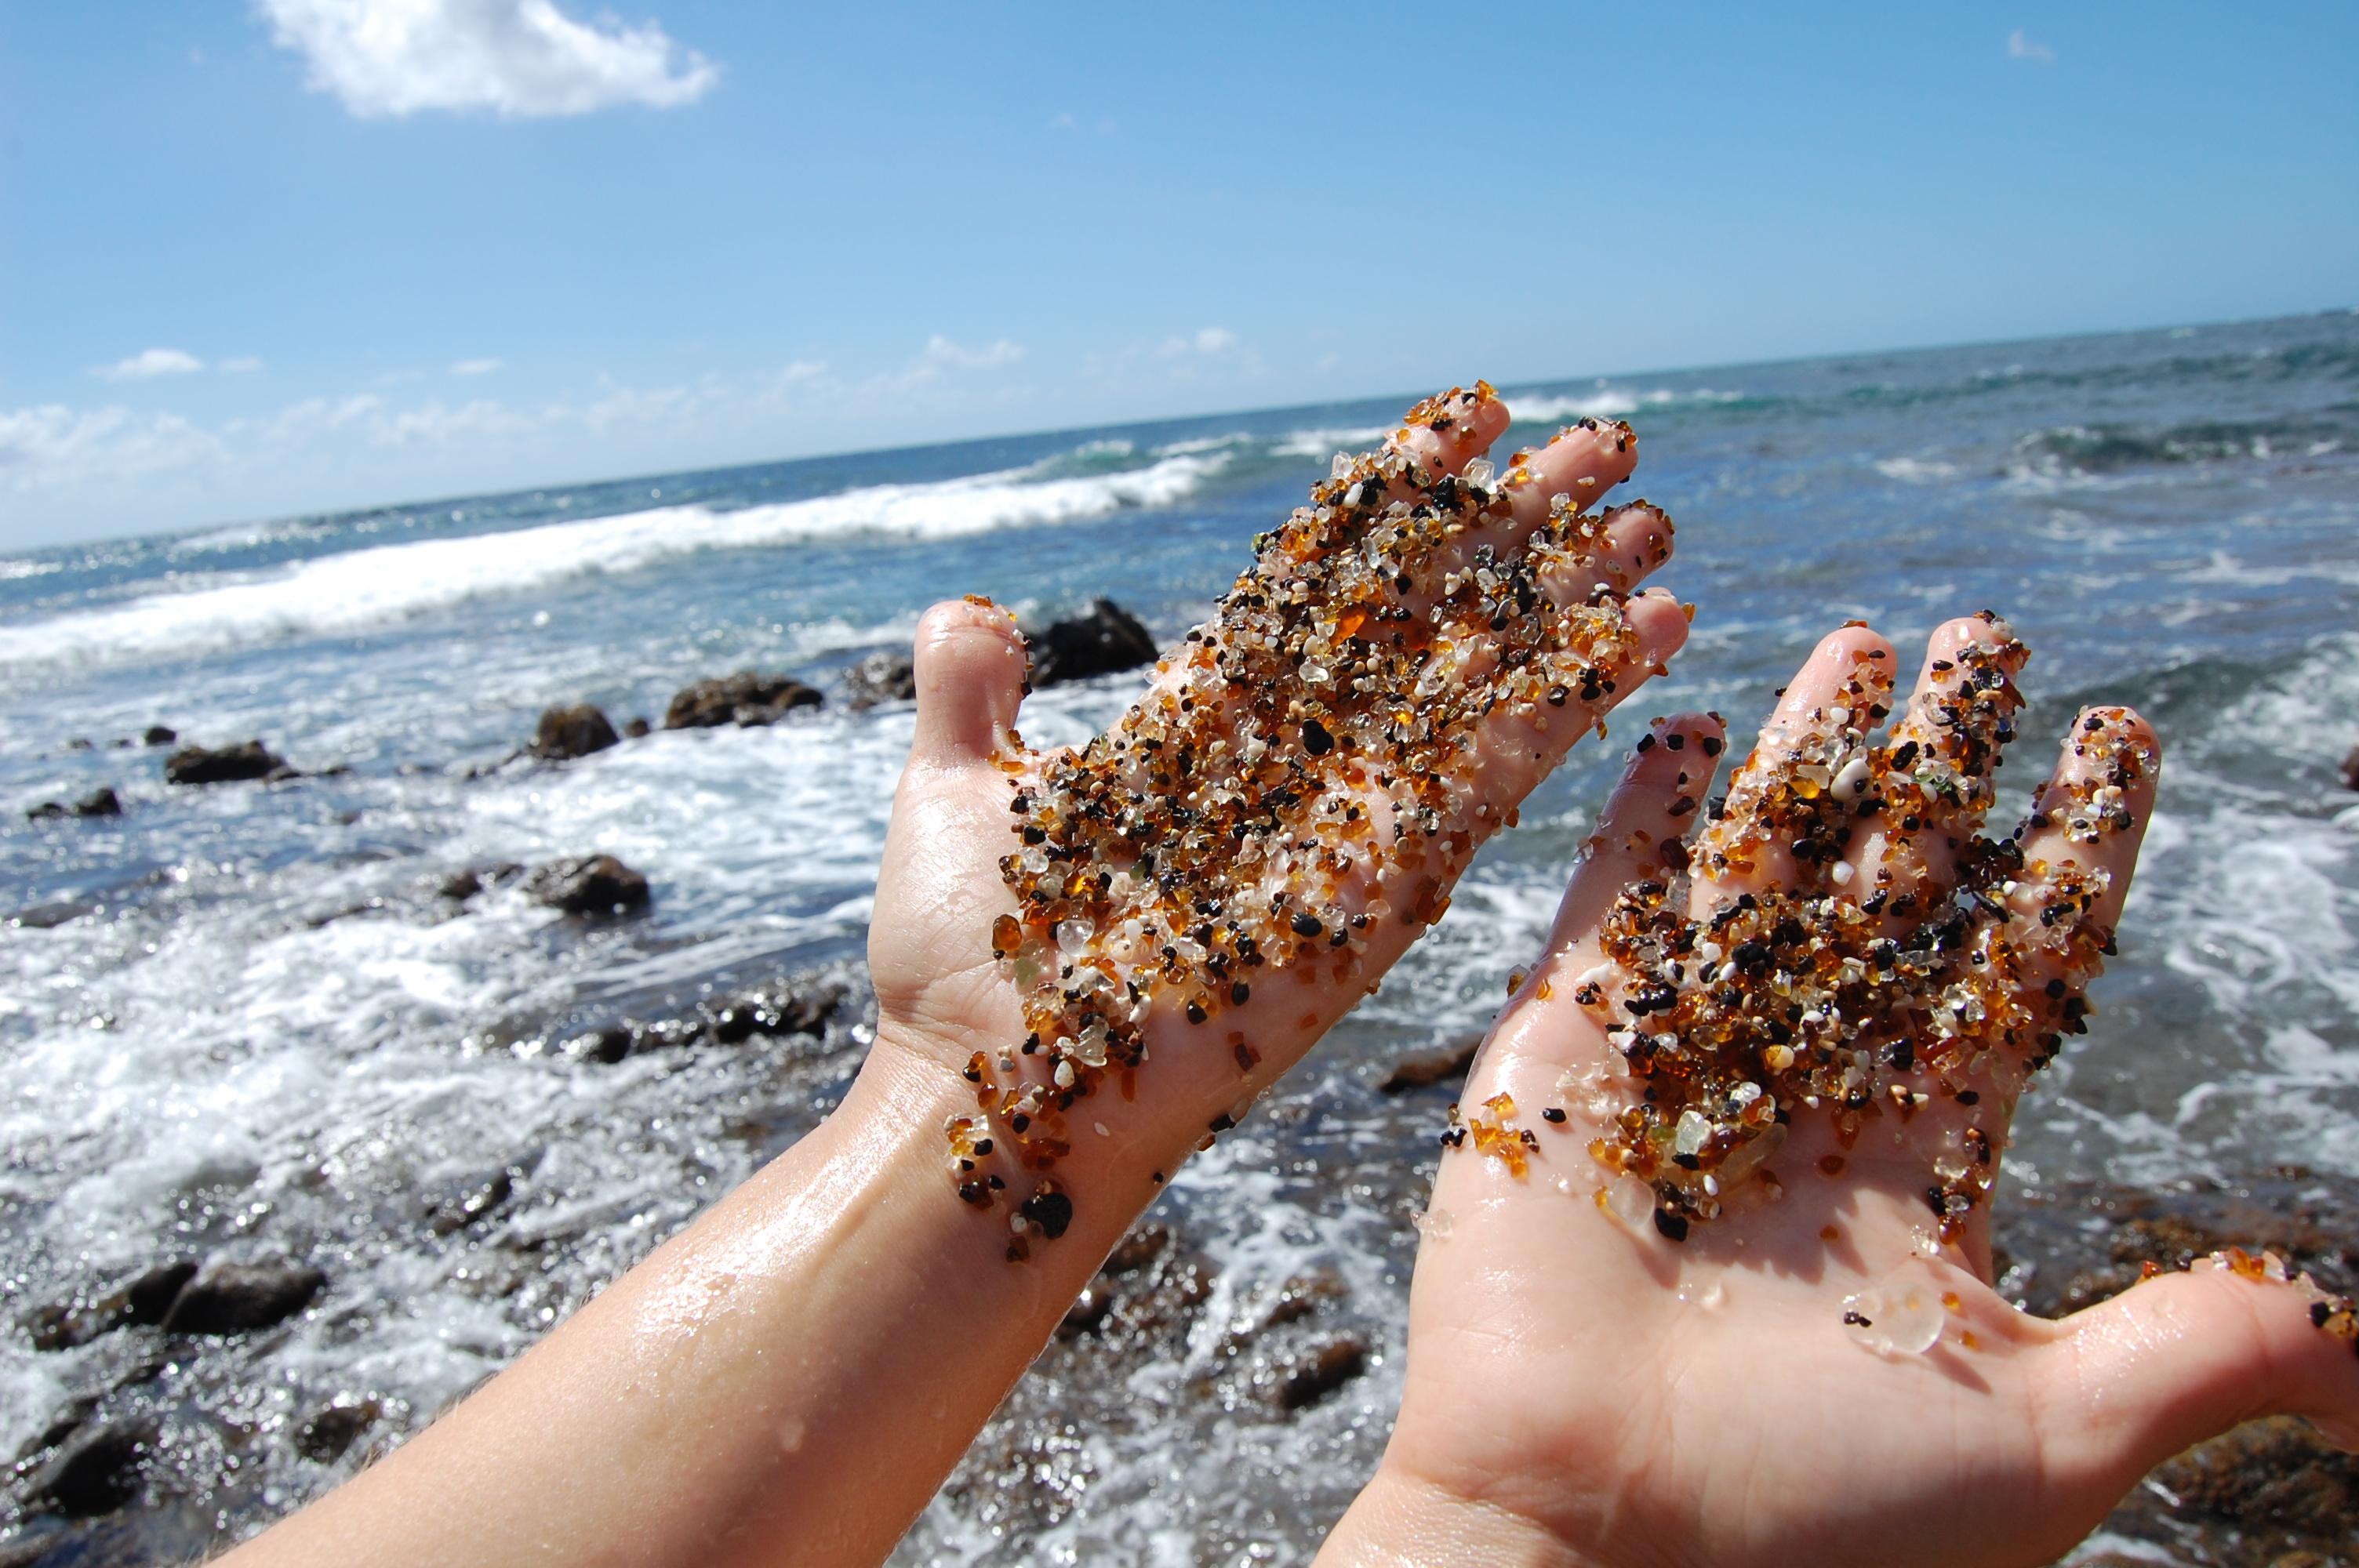 13-unique-glass-beach-in-california-ohbriggsy-wordpress-com